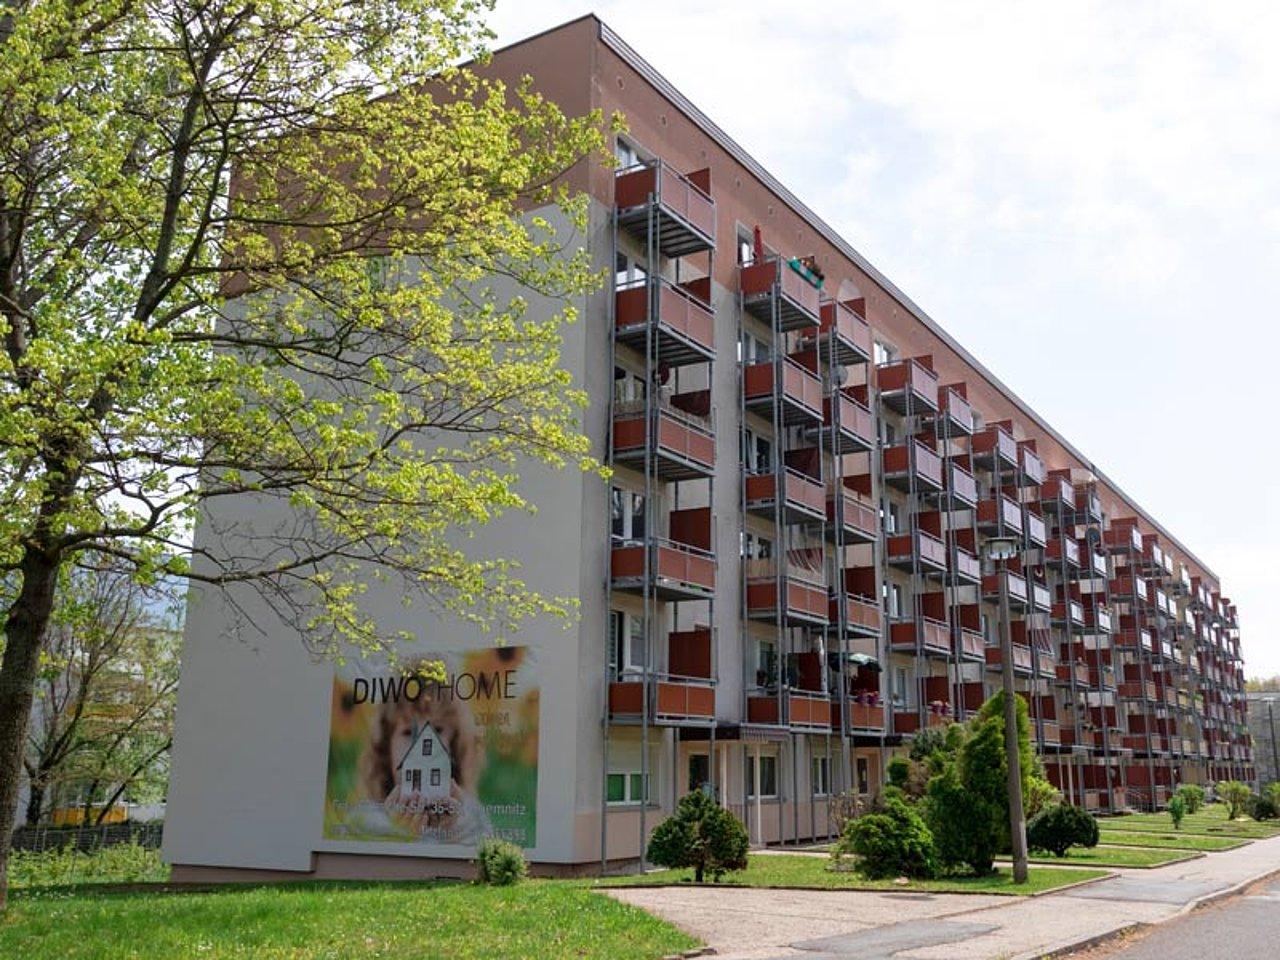 csm_Fritz-Fritzsche-Strasse-6_6e5607816e-1